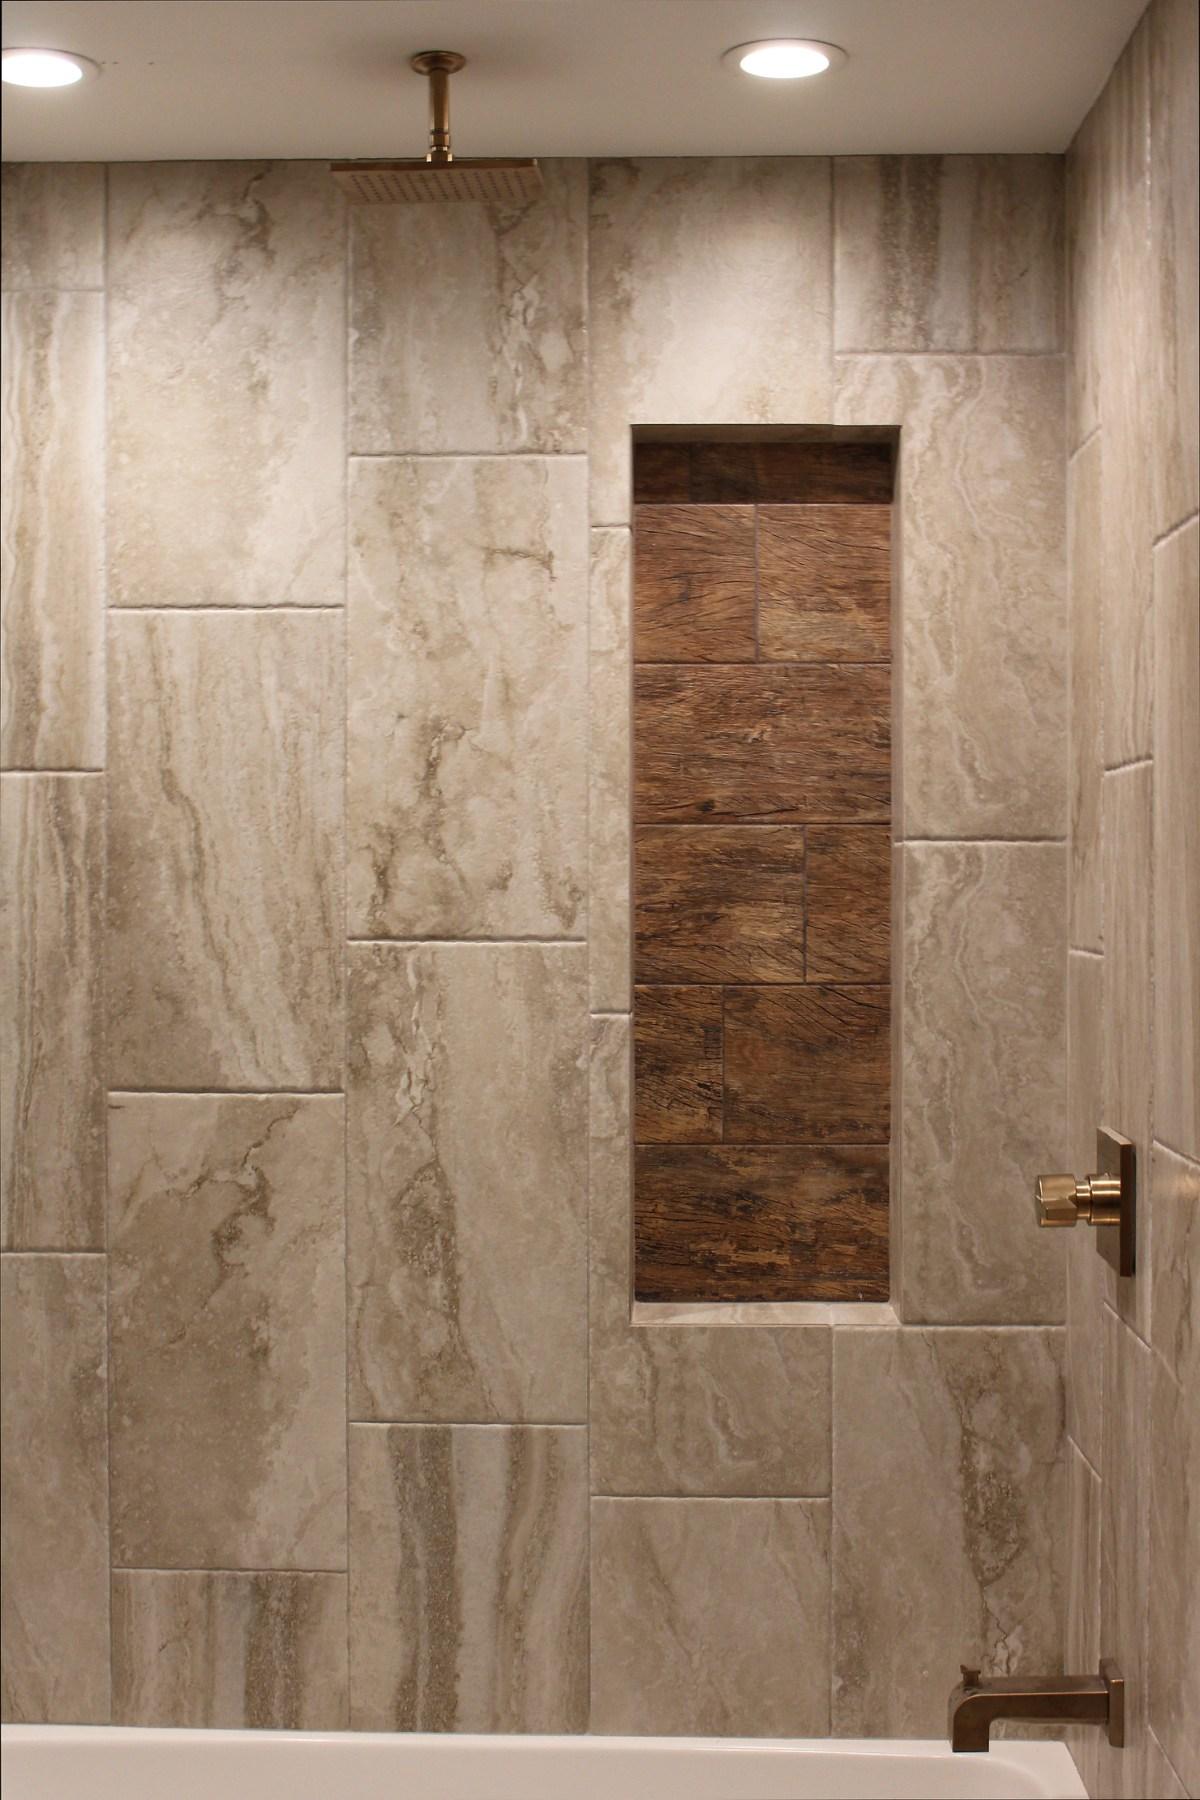 Bathroom remodel uses wood look tile in shower niche